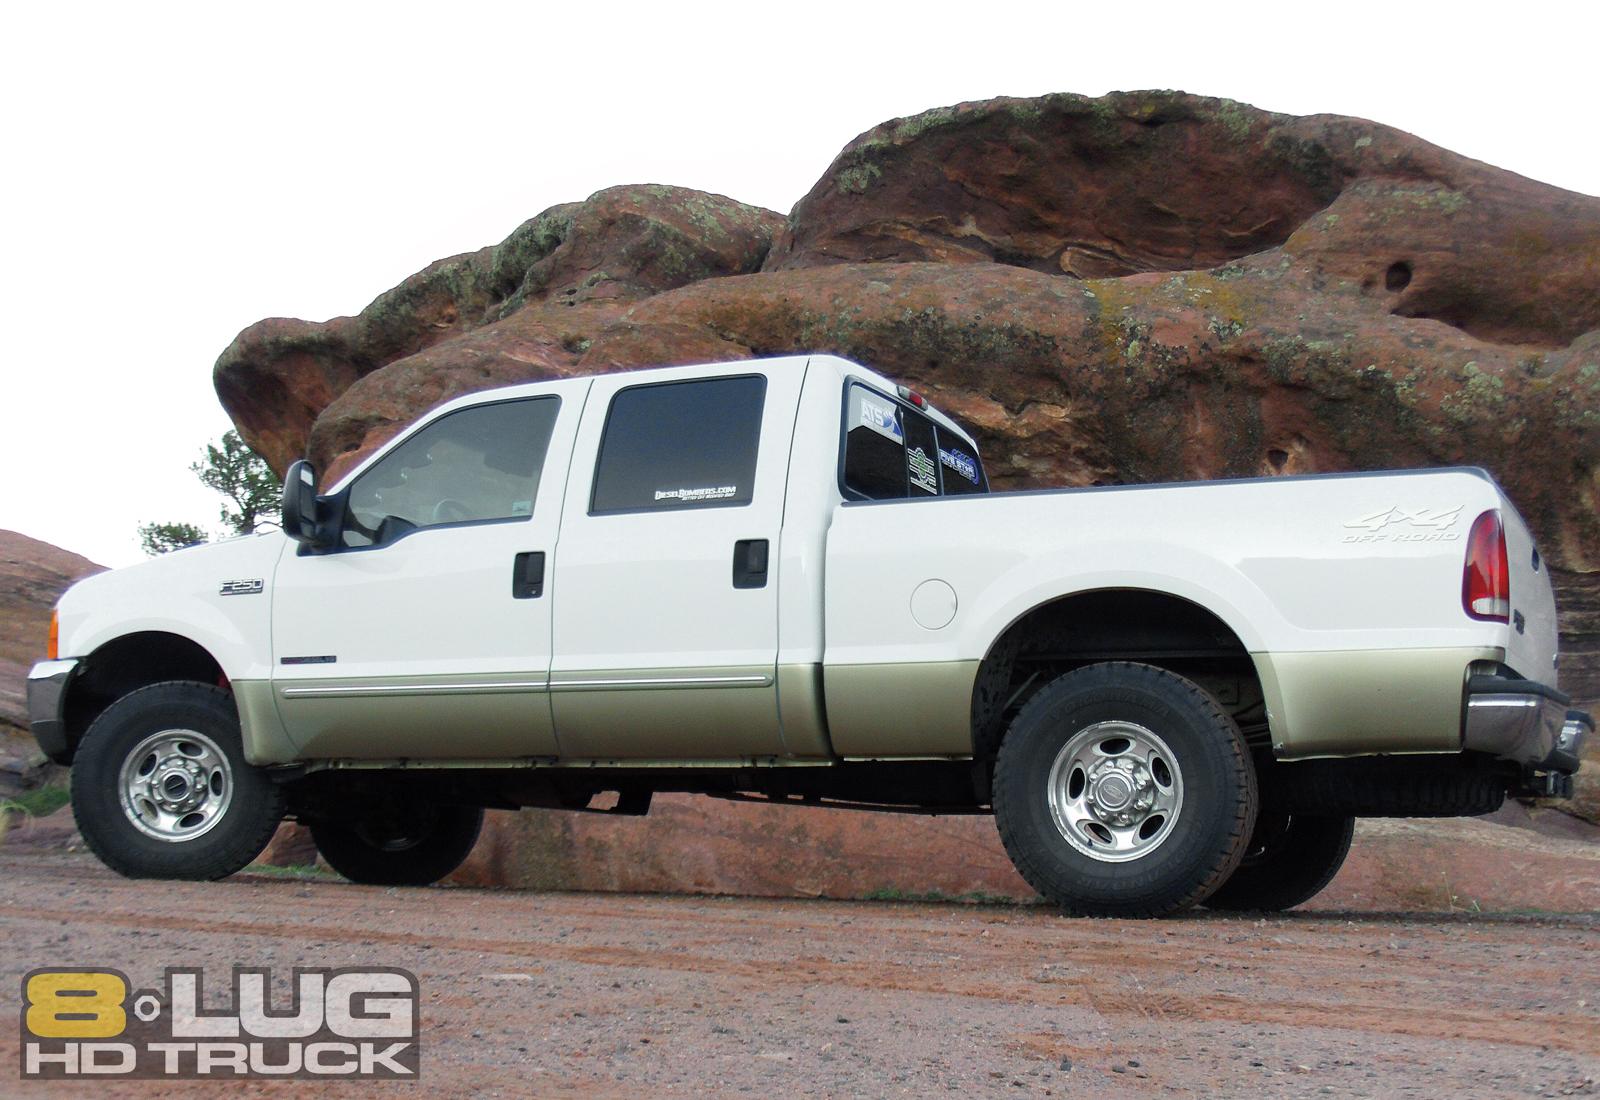 Diesel Bombers Trucks 2000 Ford F250 1600x1100